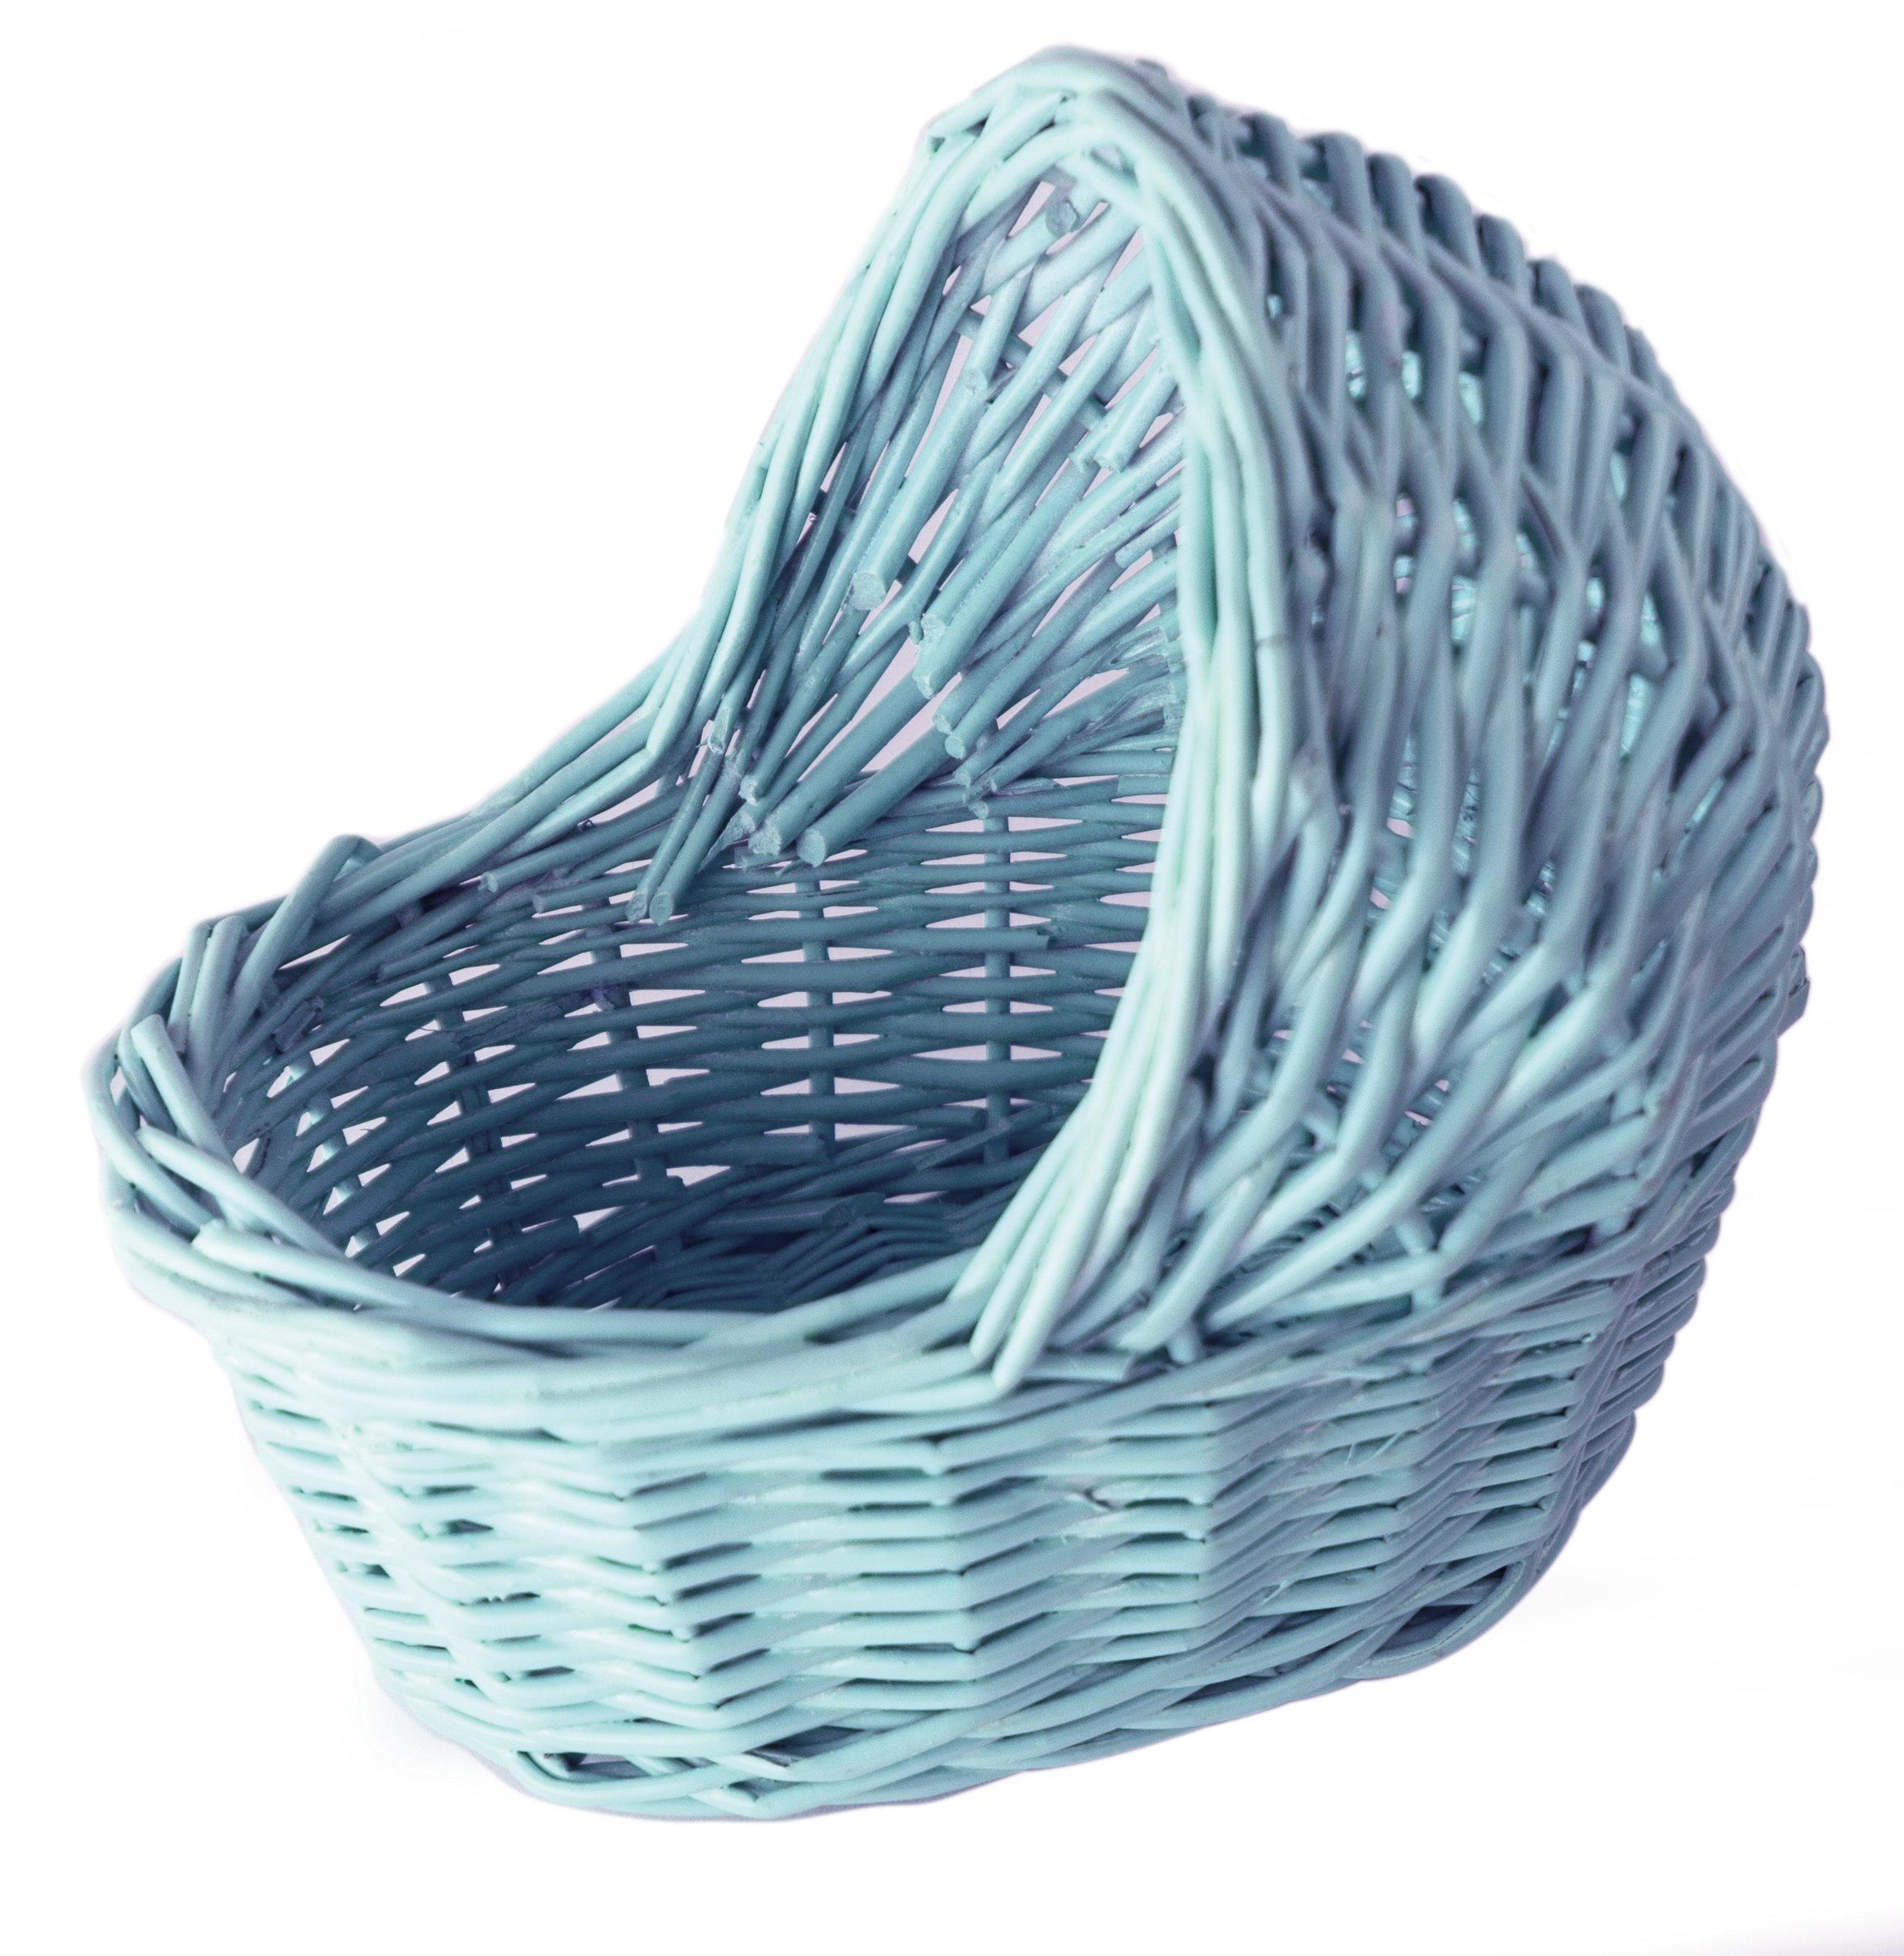 Amazon.com : Willow Empty Cradle Baby Shower Basket in Pink - 7\